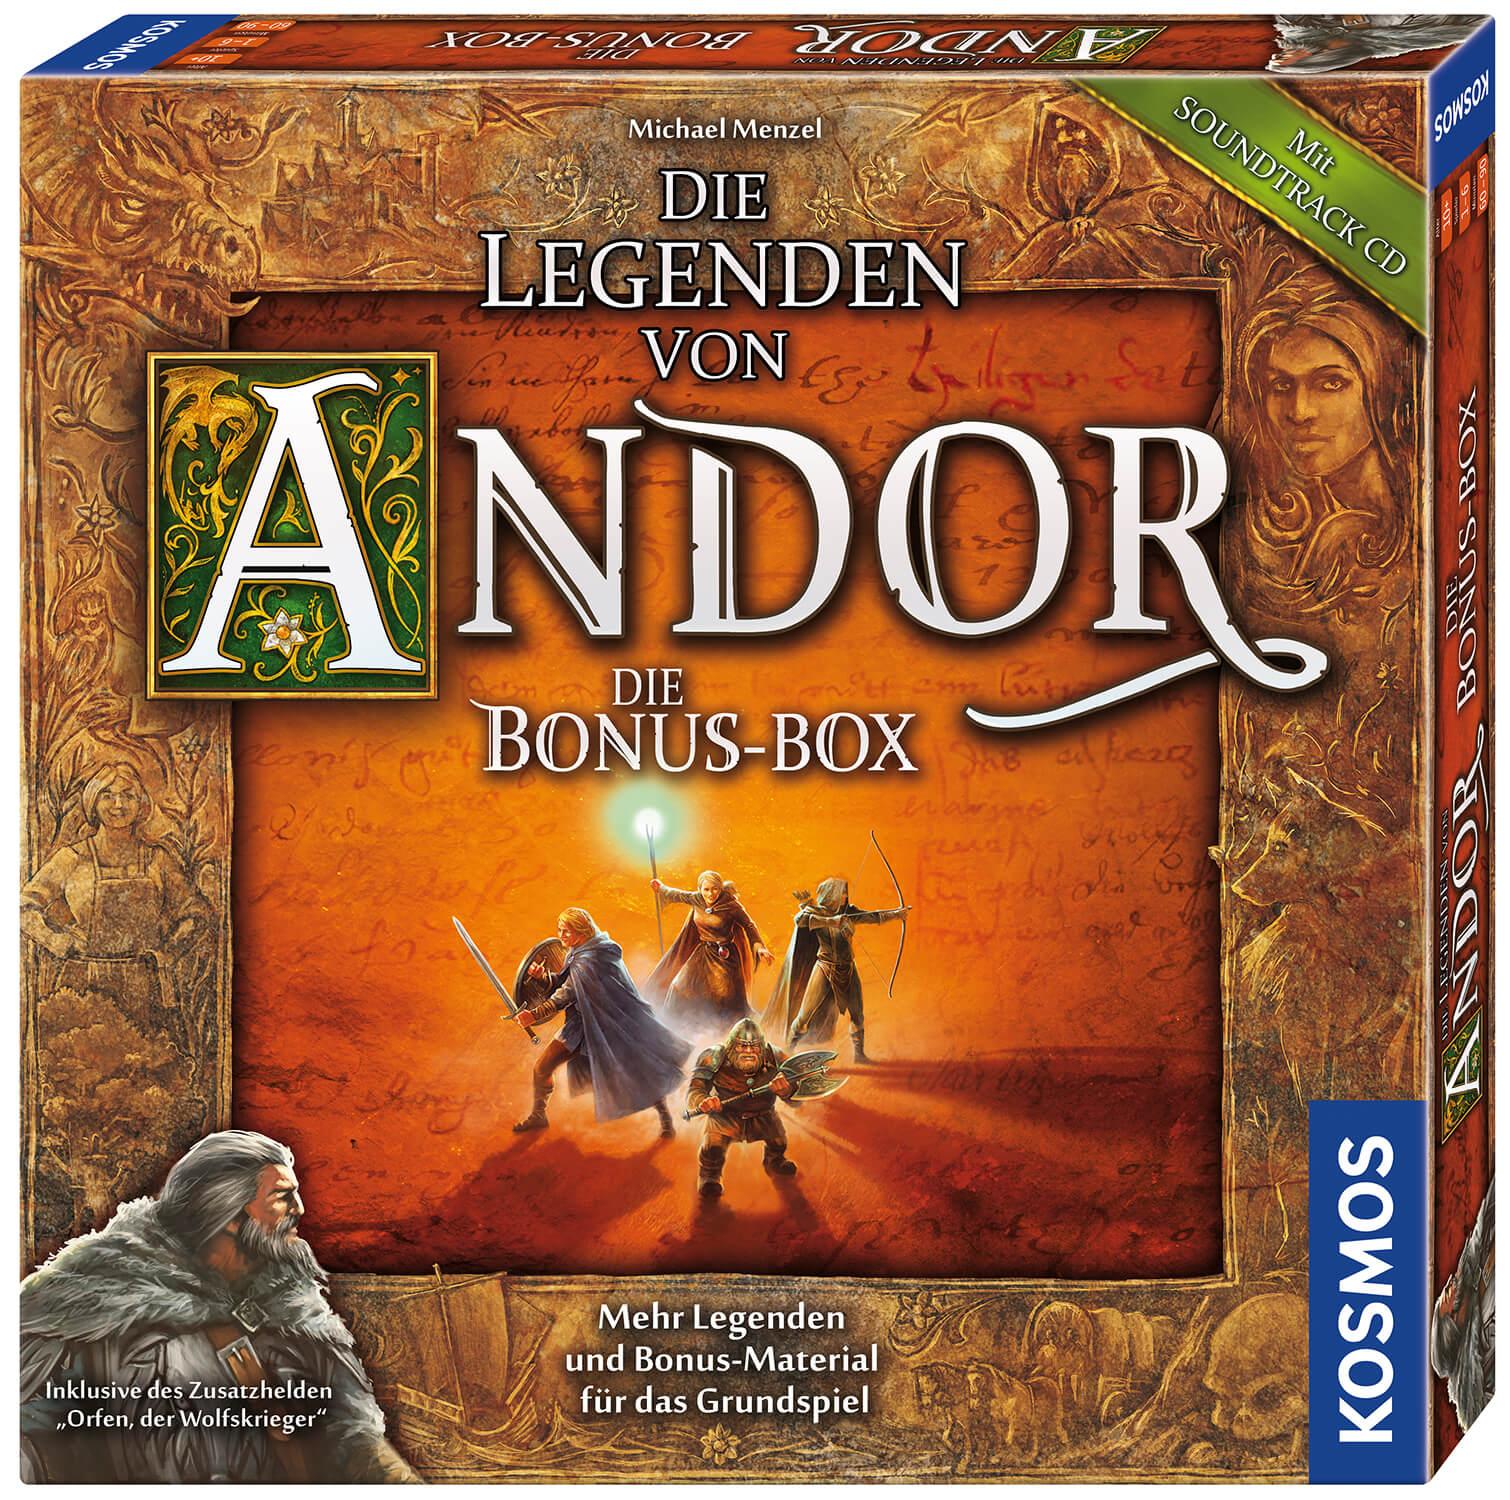 Schachtel Vorderseite, rechte Seite- Die Legenden von Andor – Die Bonus-Box